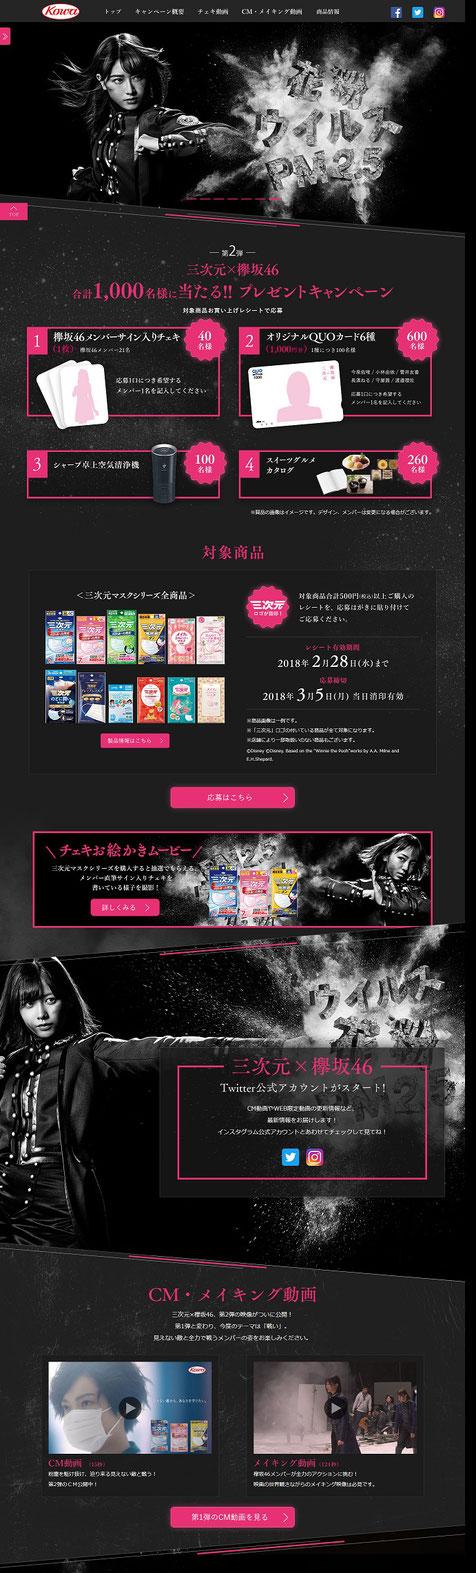 【興和】三次元マスク×欅坂46コラボキャンペーン